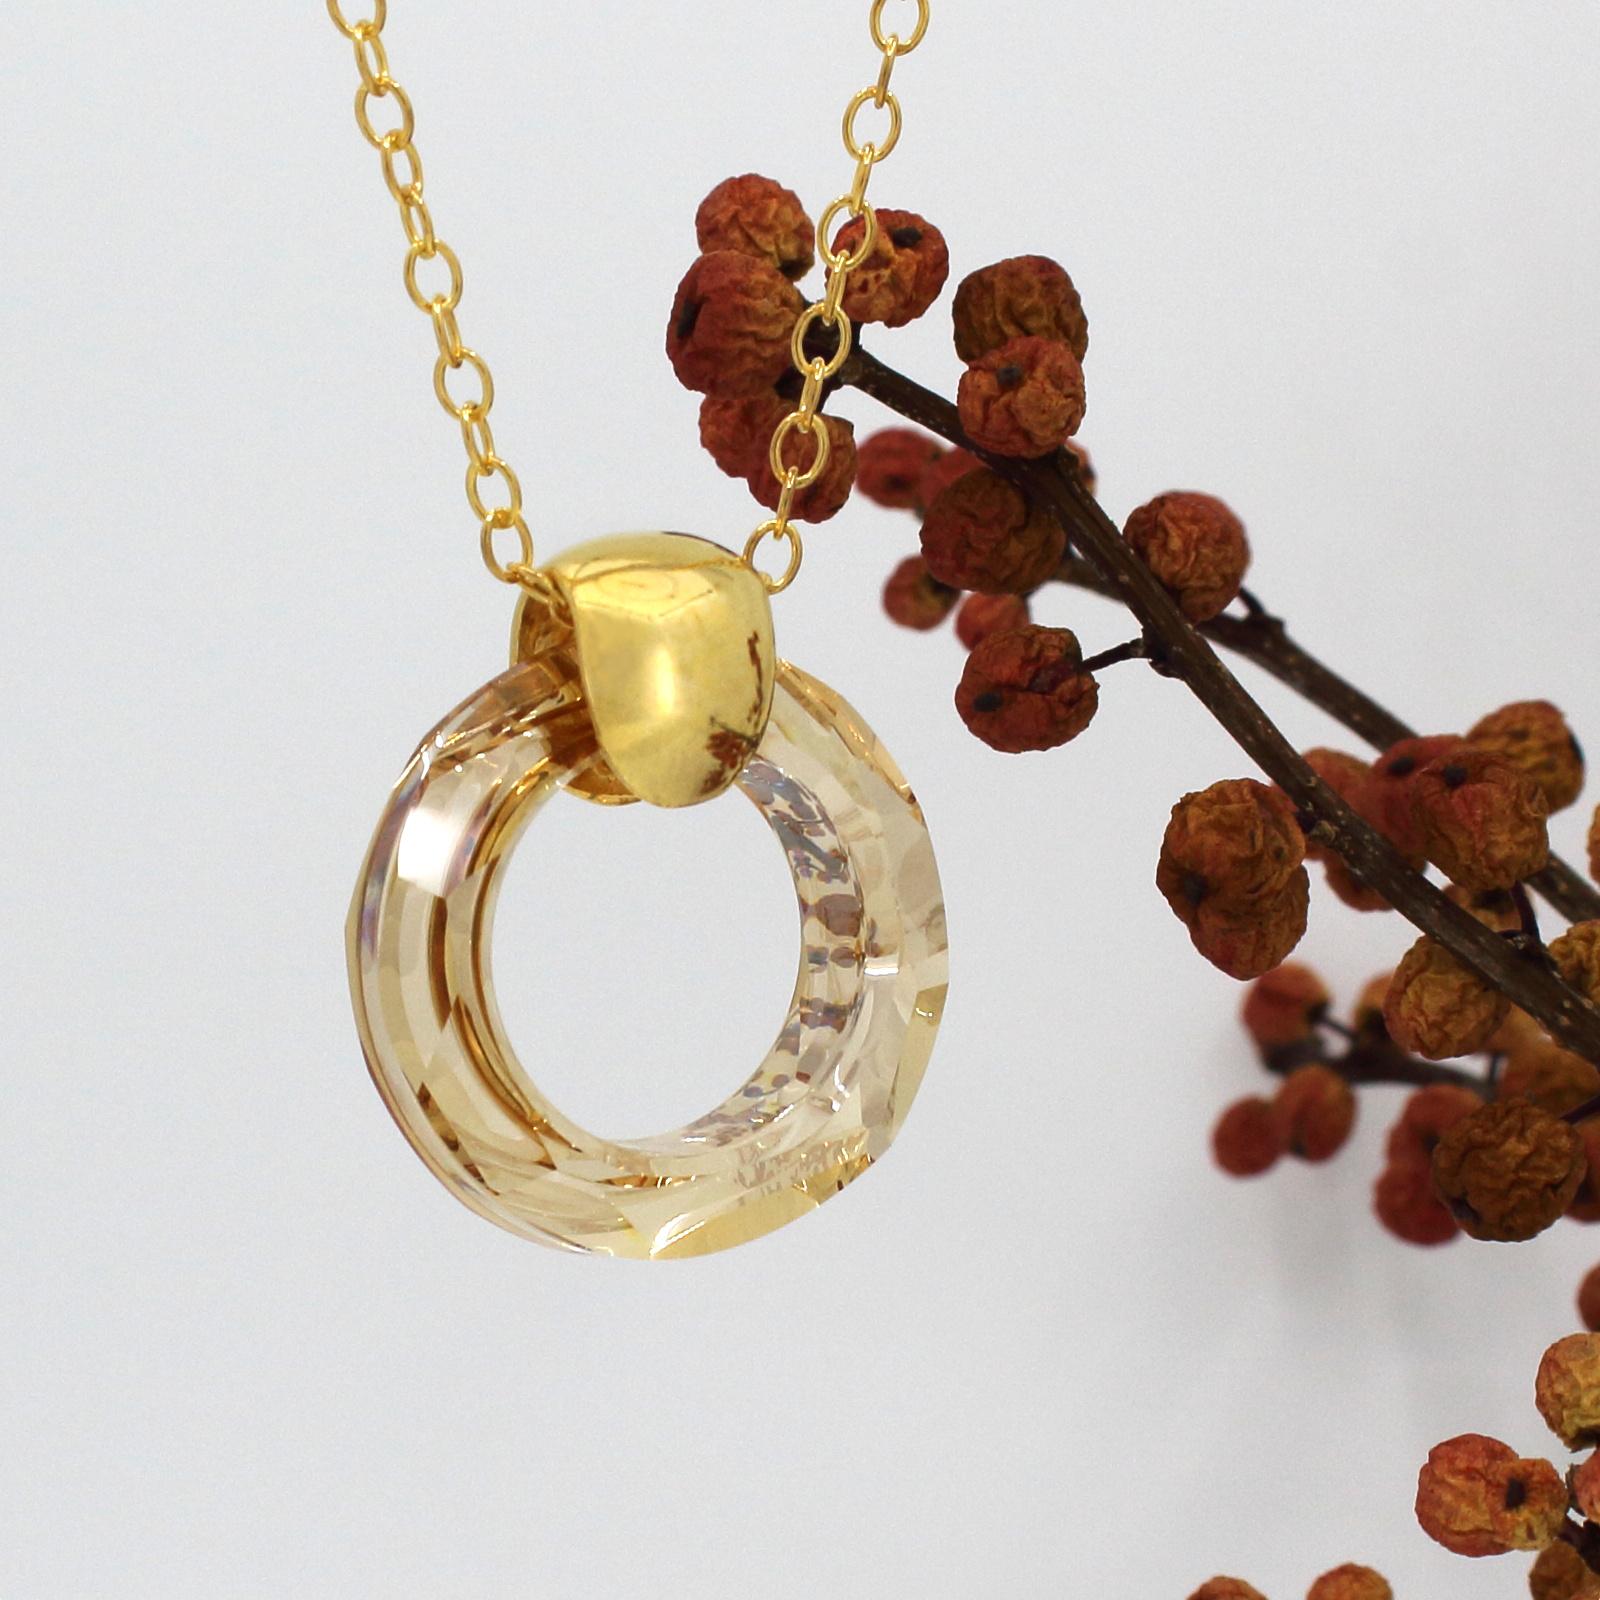 ARLIZI Schmuck Cosmic Ring Swarovski Kristall